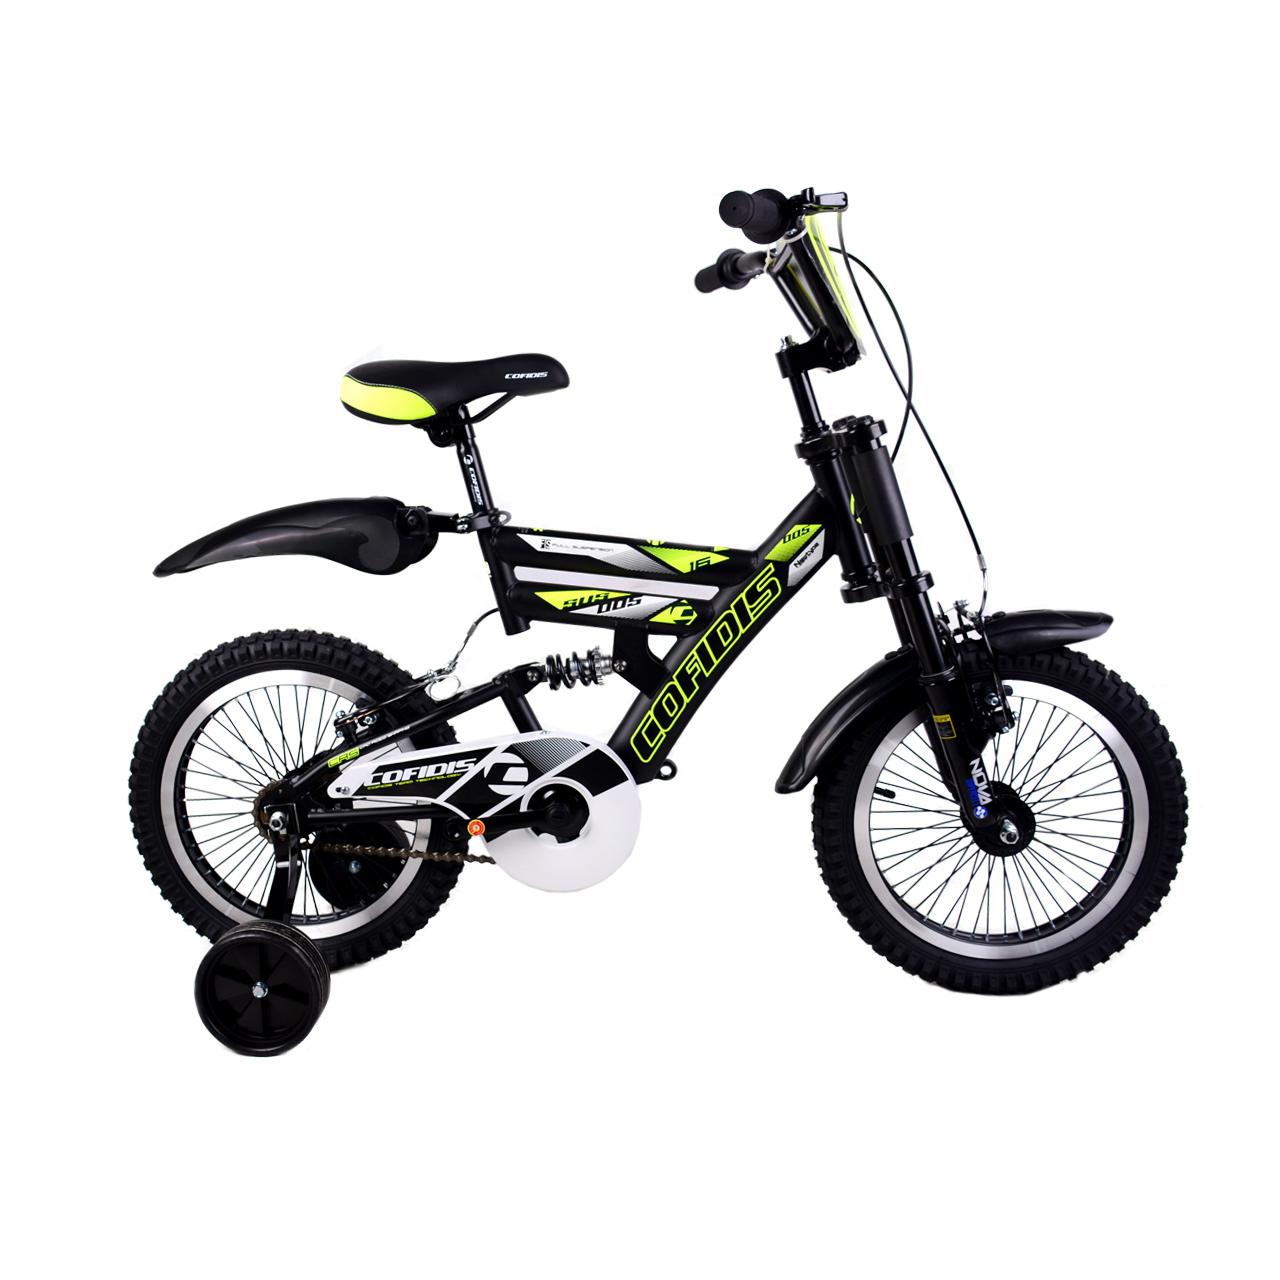 دوچرخه شهری کافیدیس مدل F25 سایز 16